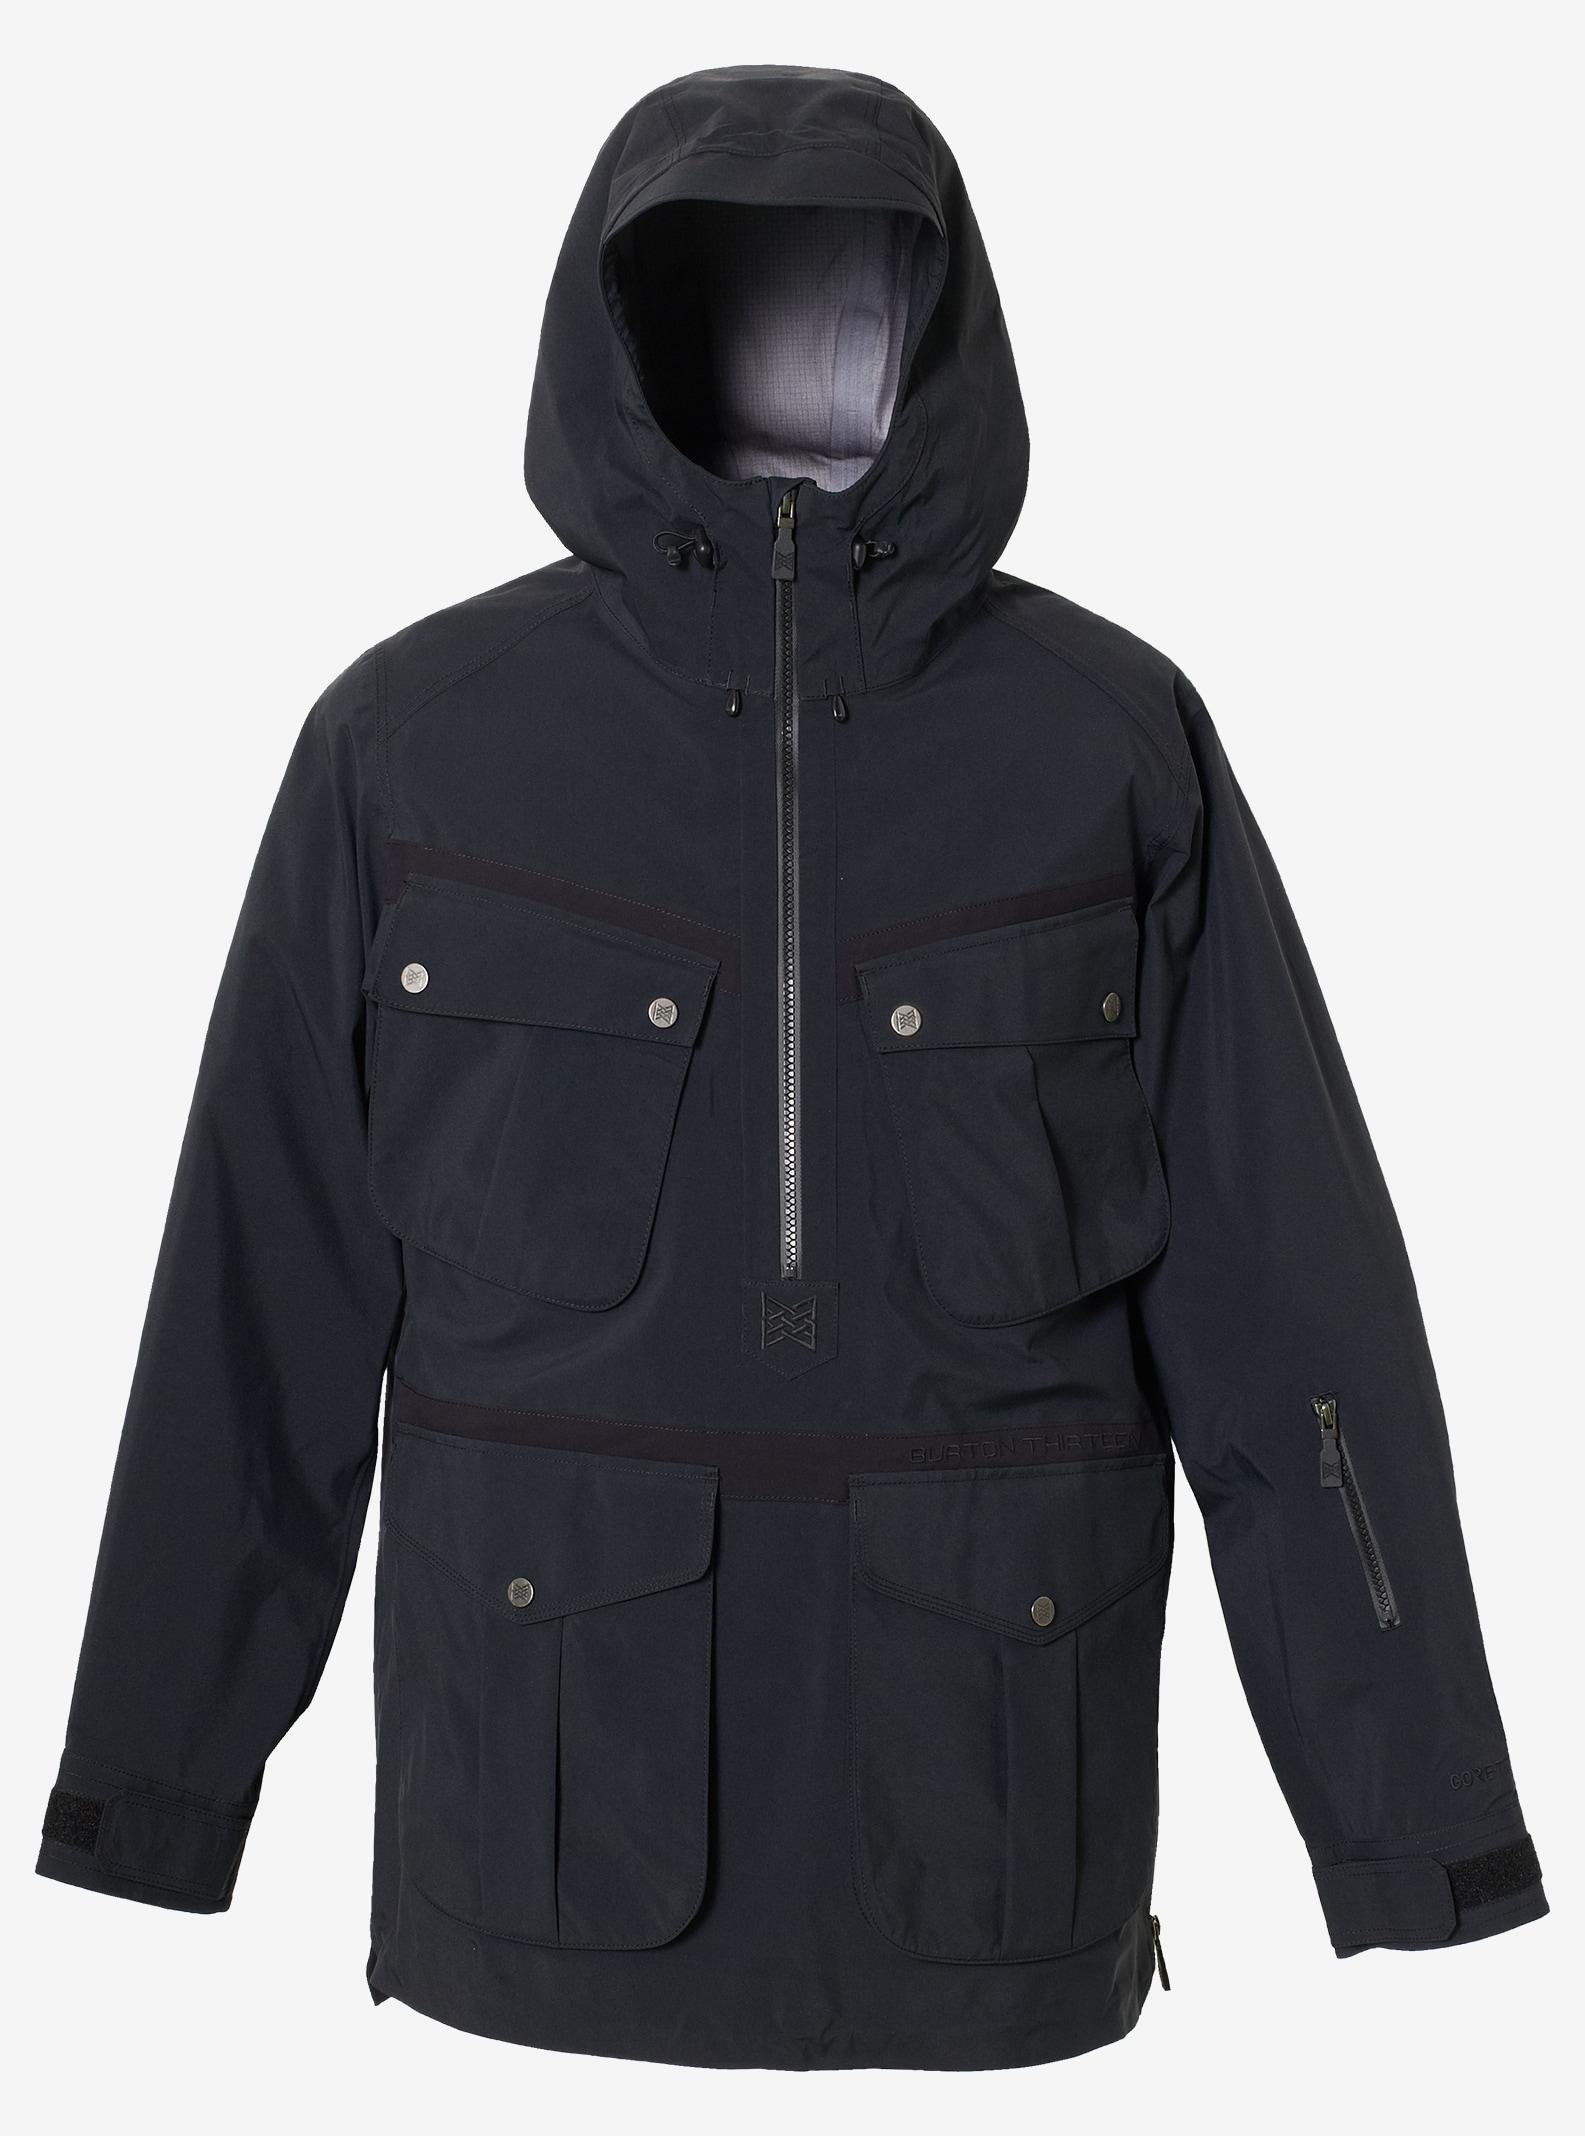 Men's Burton THIRTEEN Barkoff Jacket shown in True Black